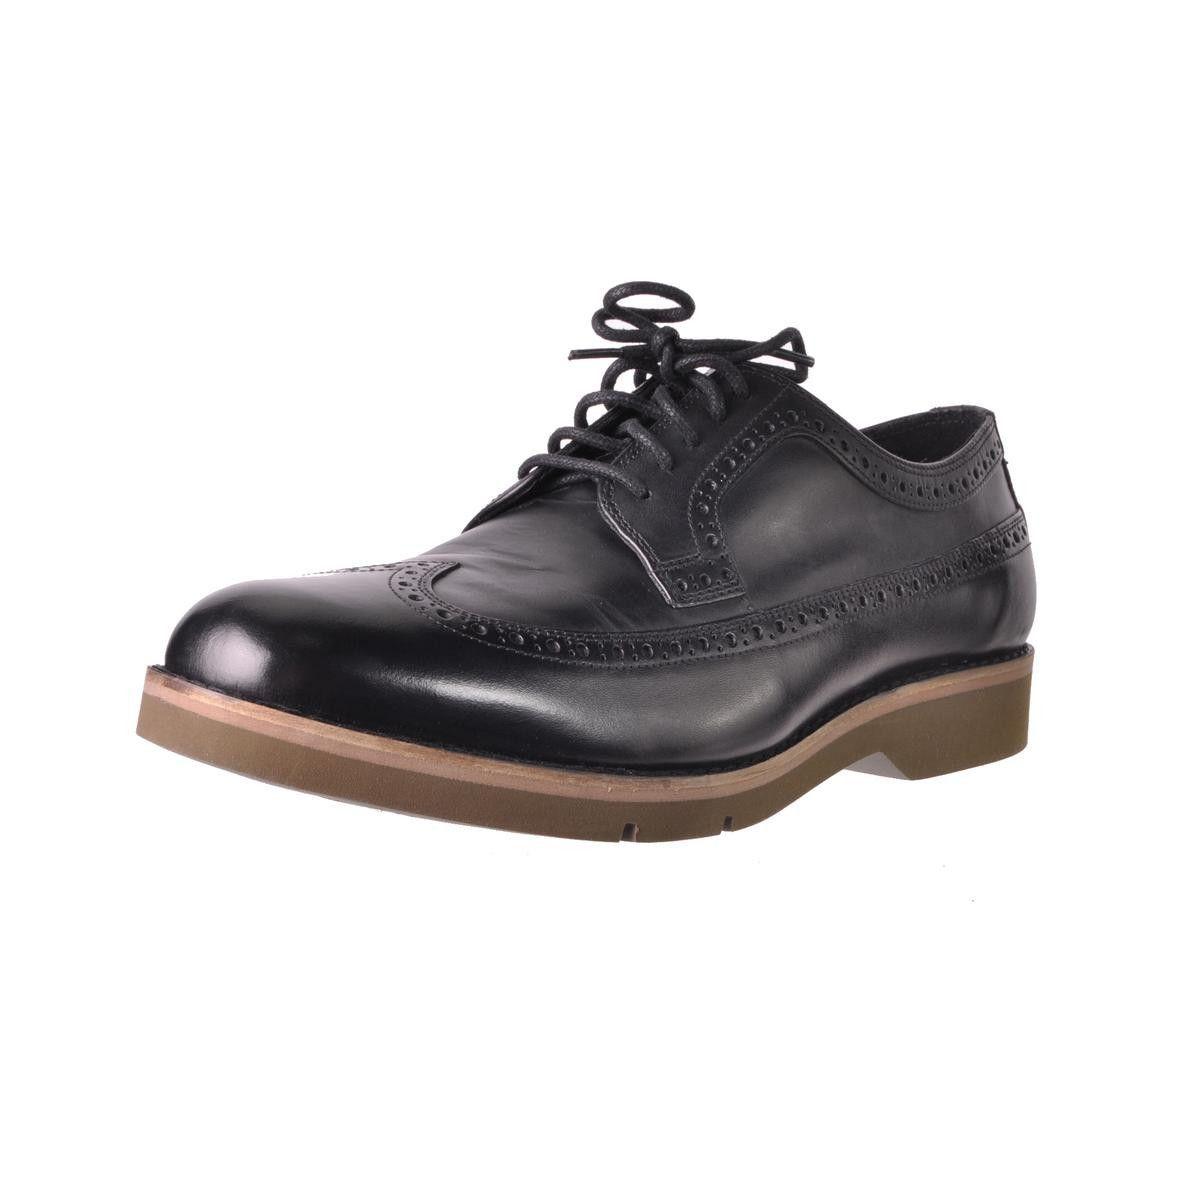 Cole Haan Mens Great Jones XL Leather Brogue Wingtip Shoes